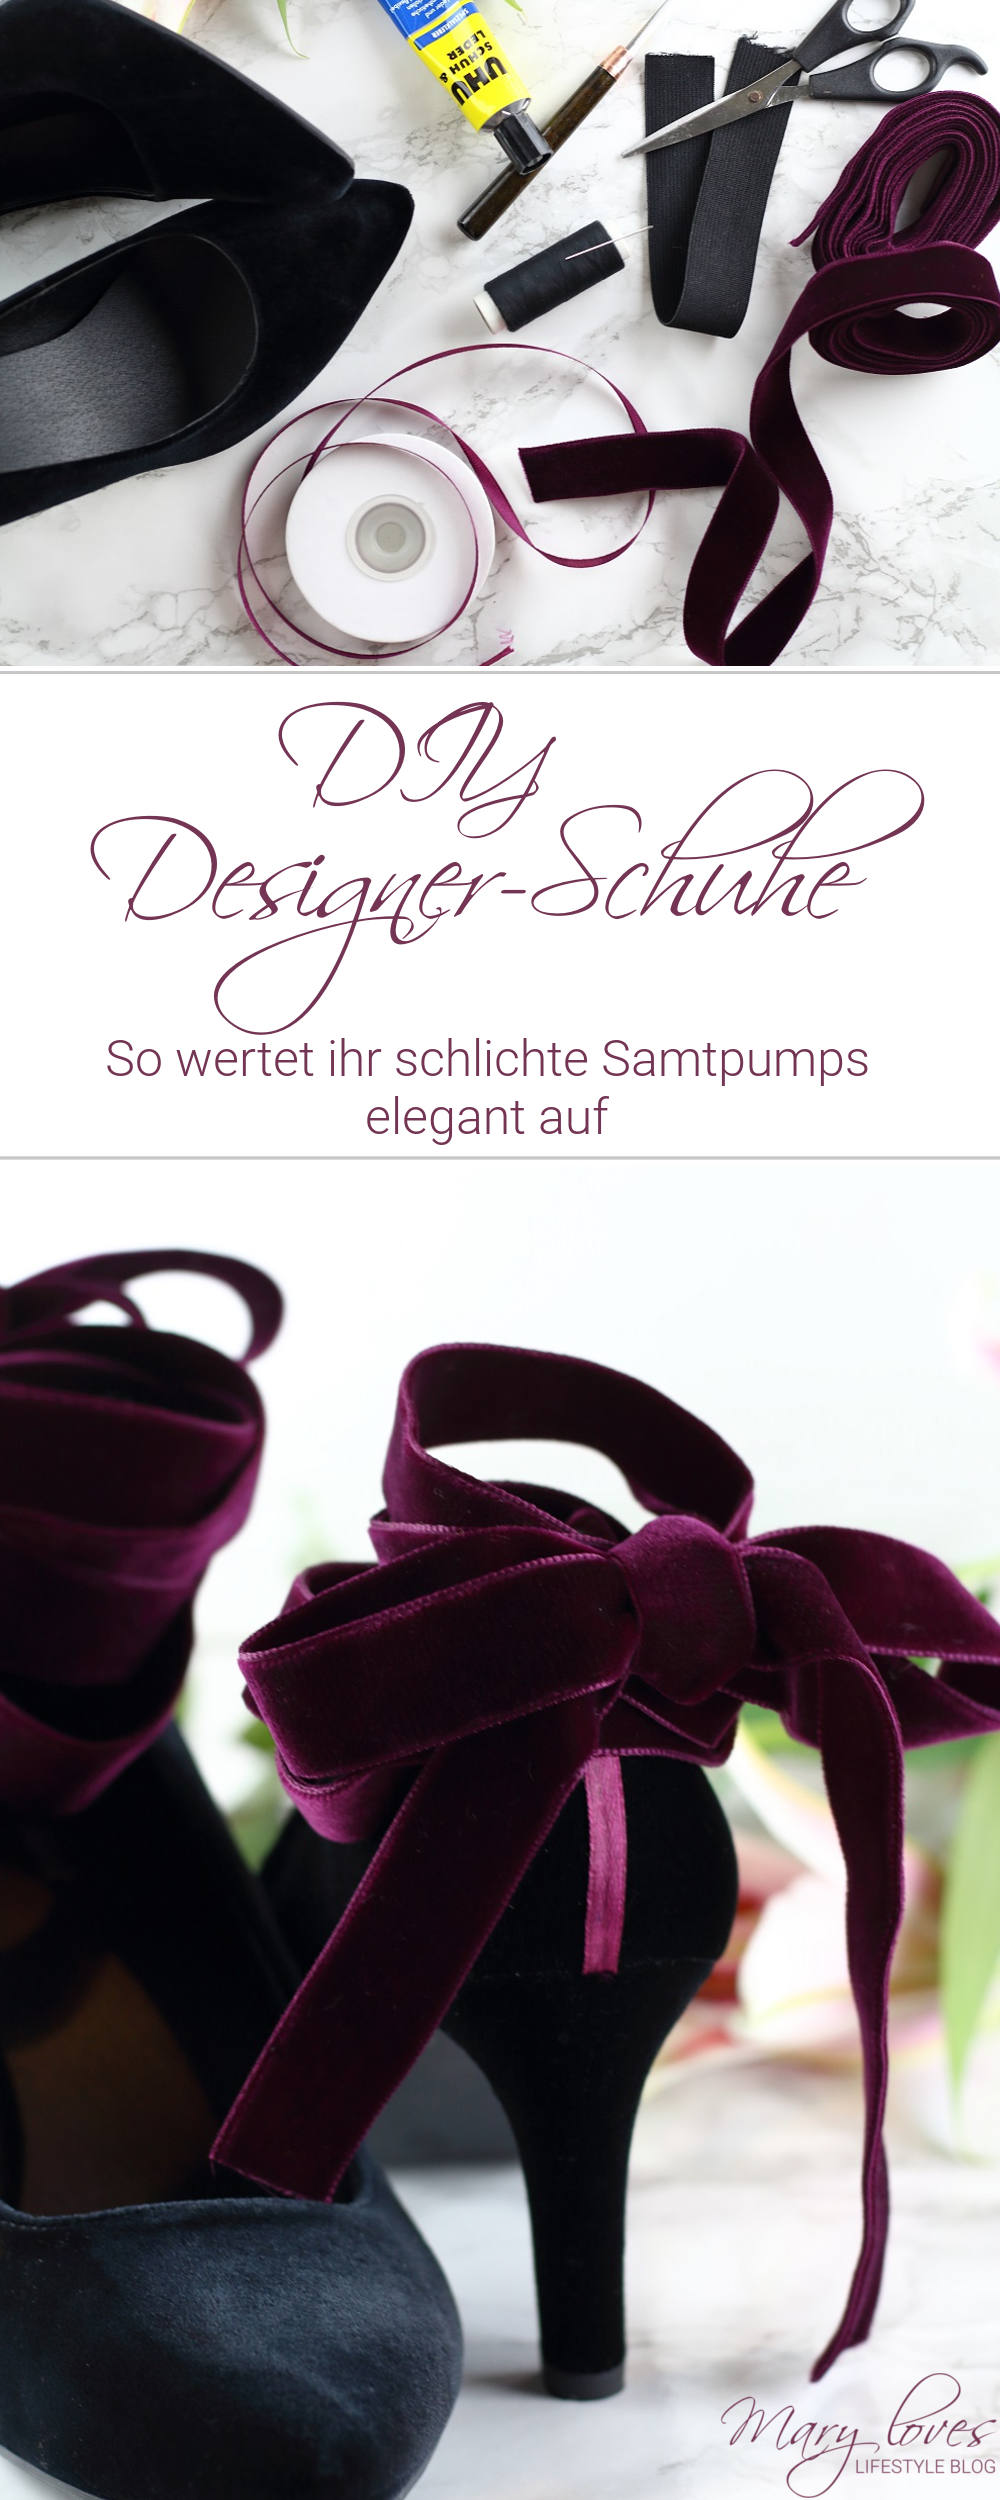 DIY Designer-Schuhe - So wertet ihr schlichte Samtpumps elegant auf - #diy #diyschuhe #diydesignerschuhe #pimpmyshoes #sjpbysarahjessicaparker #selbstgemacht #diyfashion #sjp